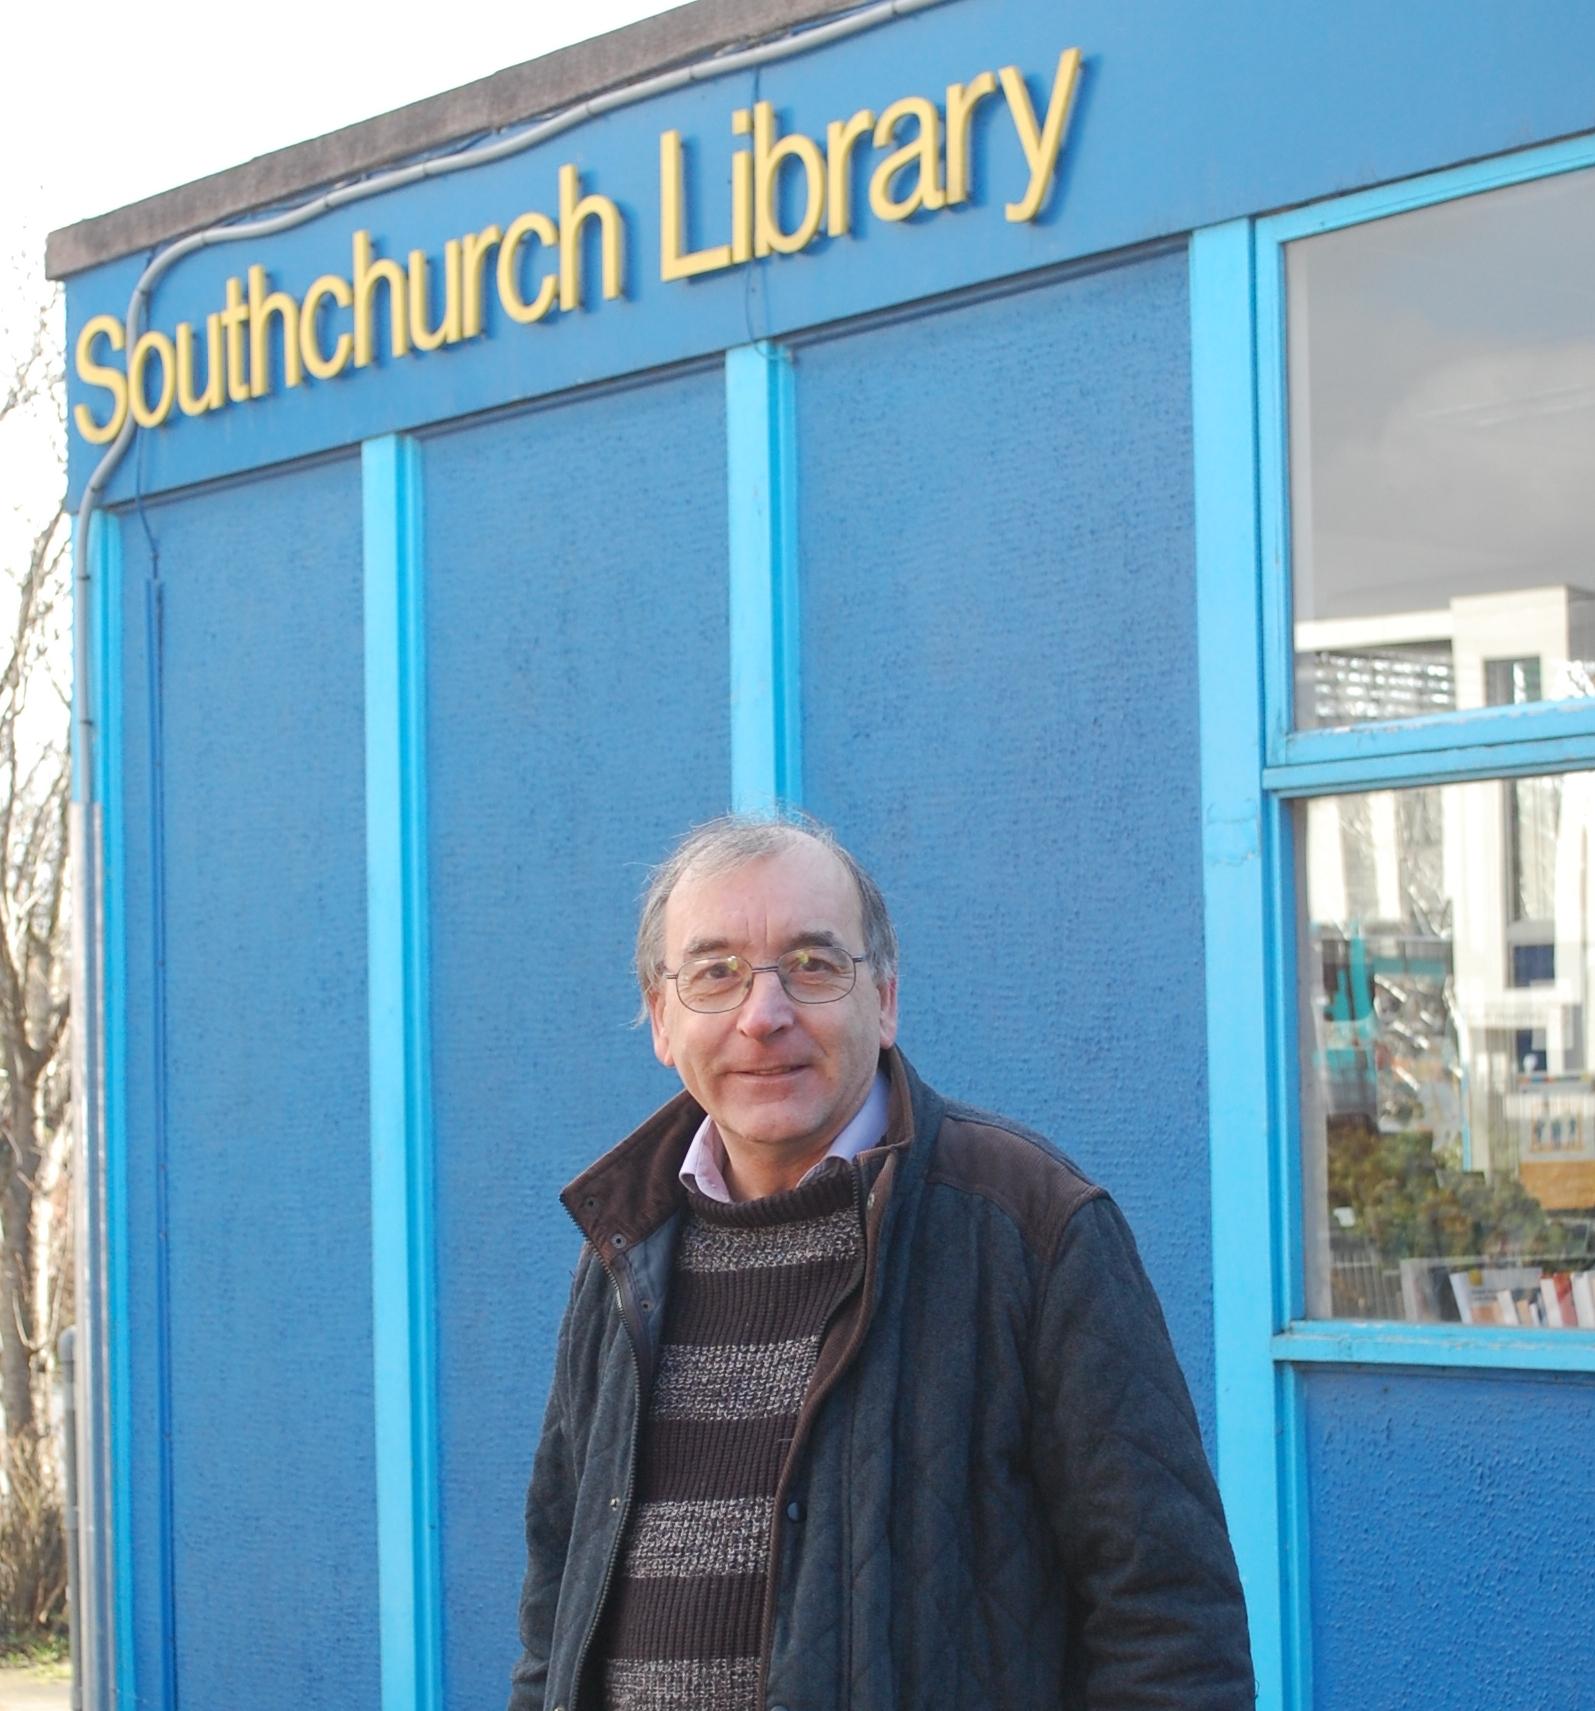 Martin at Southchurch Library